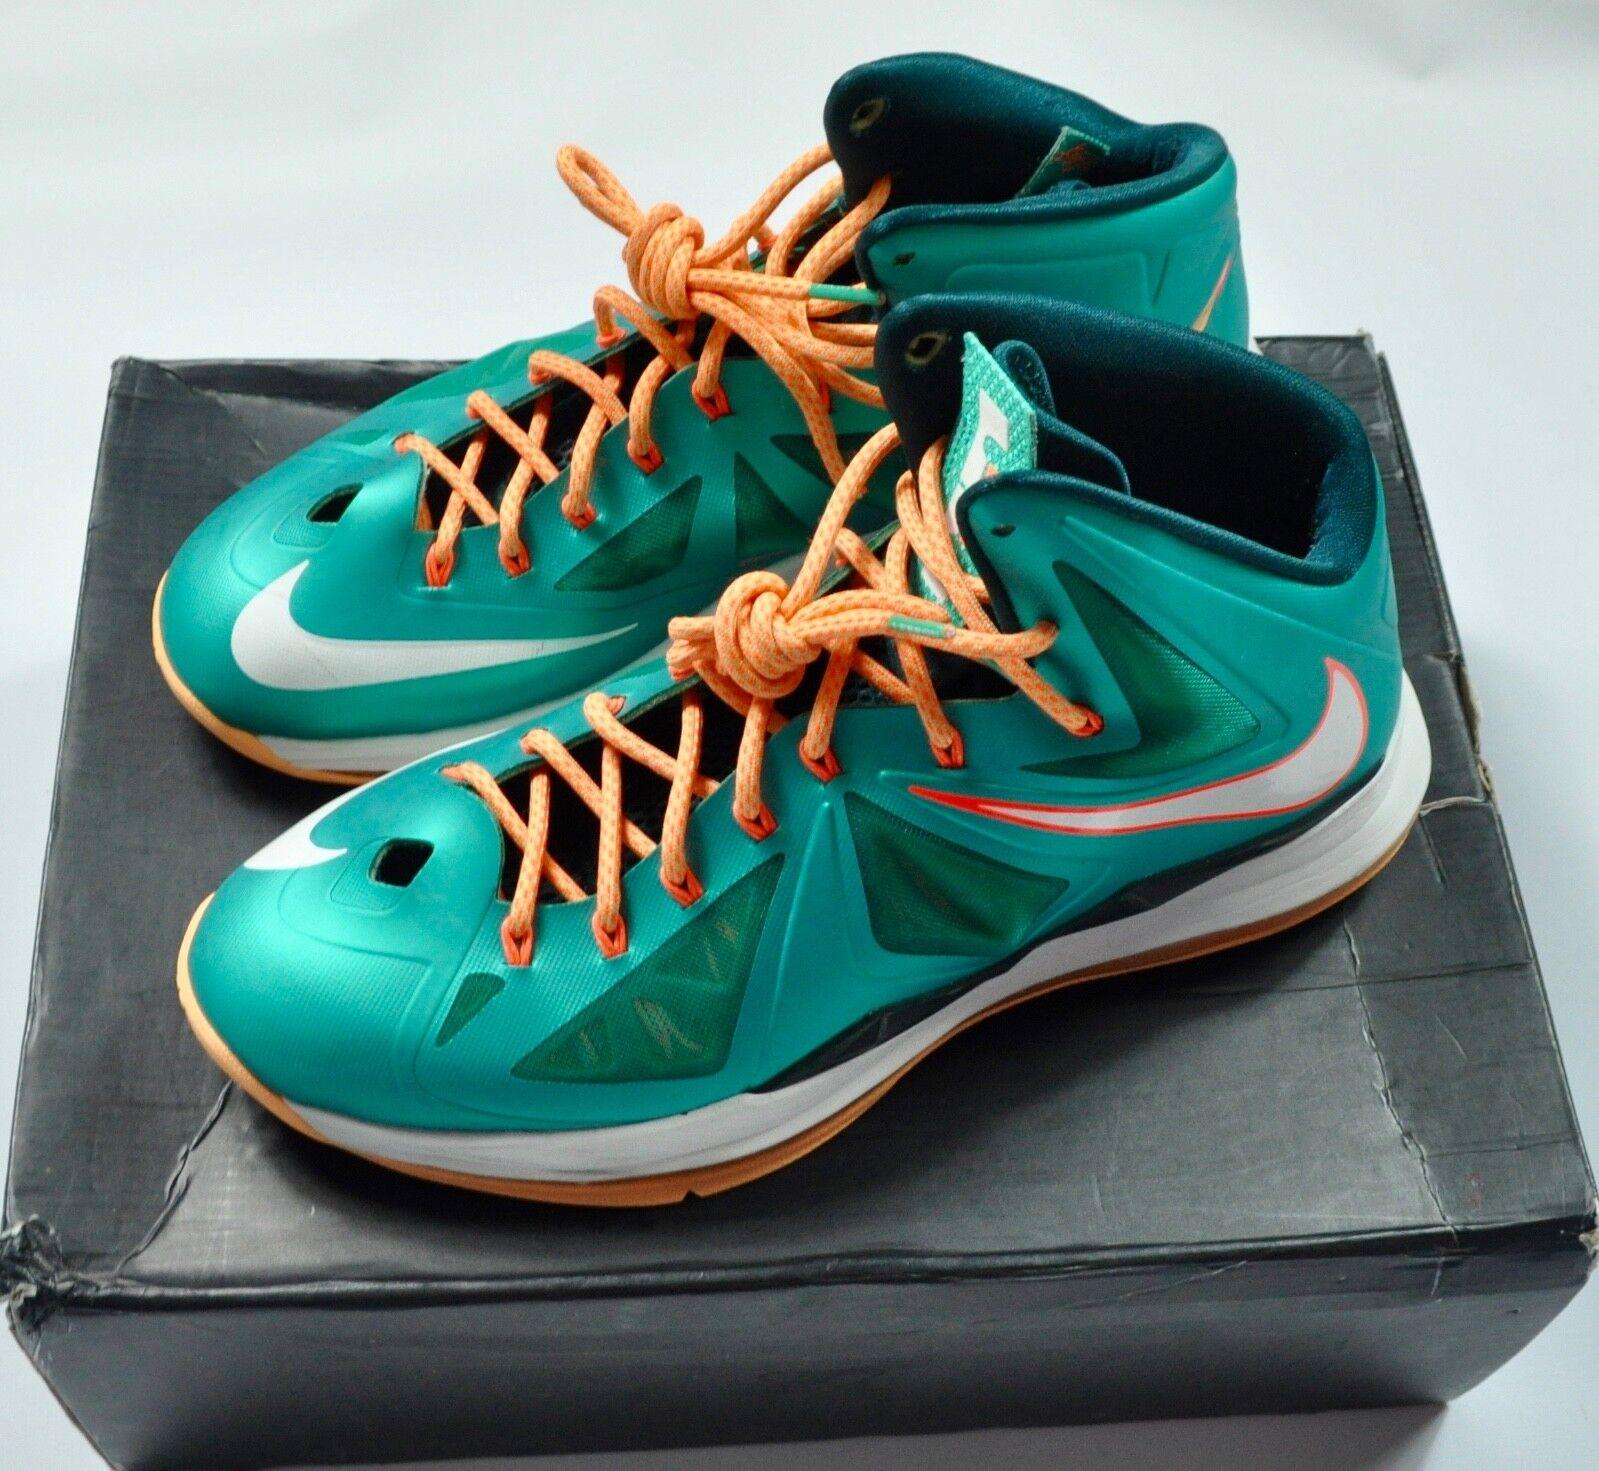 Nike männer lebron x 10 miami dolphins atomic blaugrün sz 12 12 sz 9bcf9e